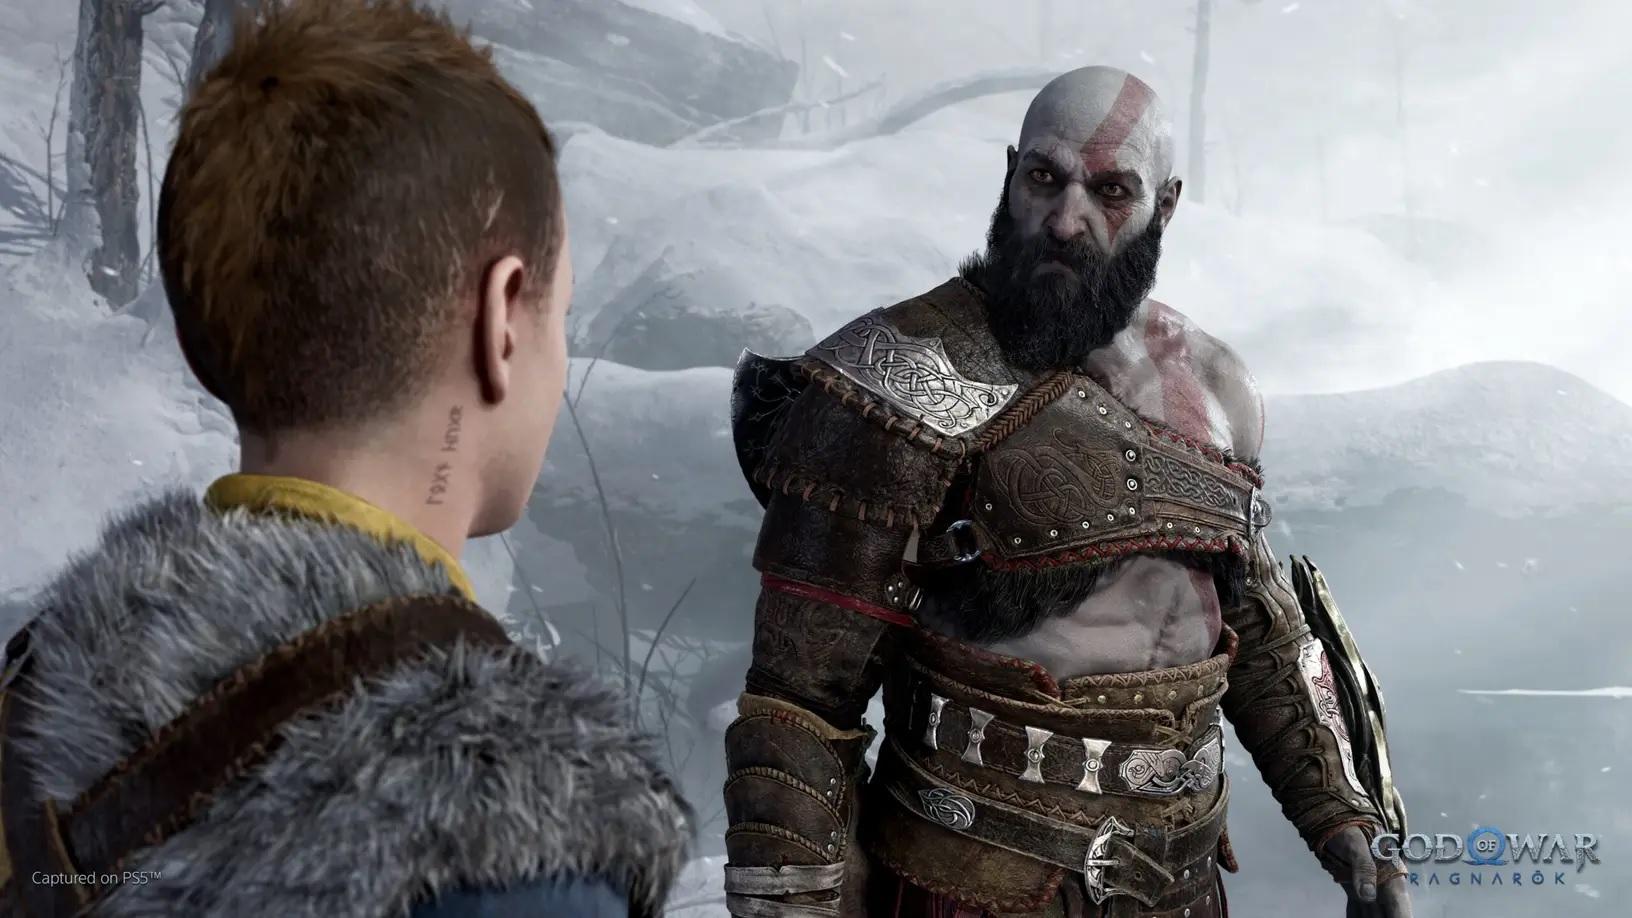 Jogos: God of War: Ragnarök é revelado com trailer de gameplay